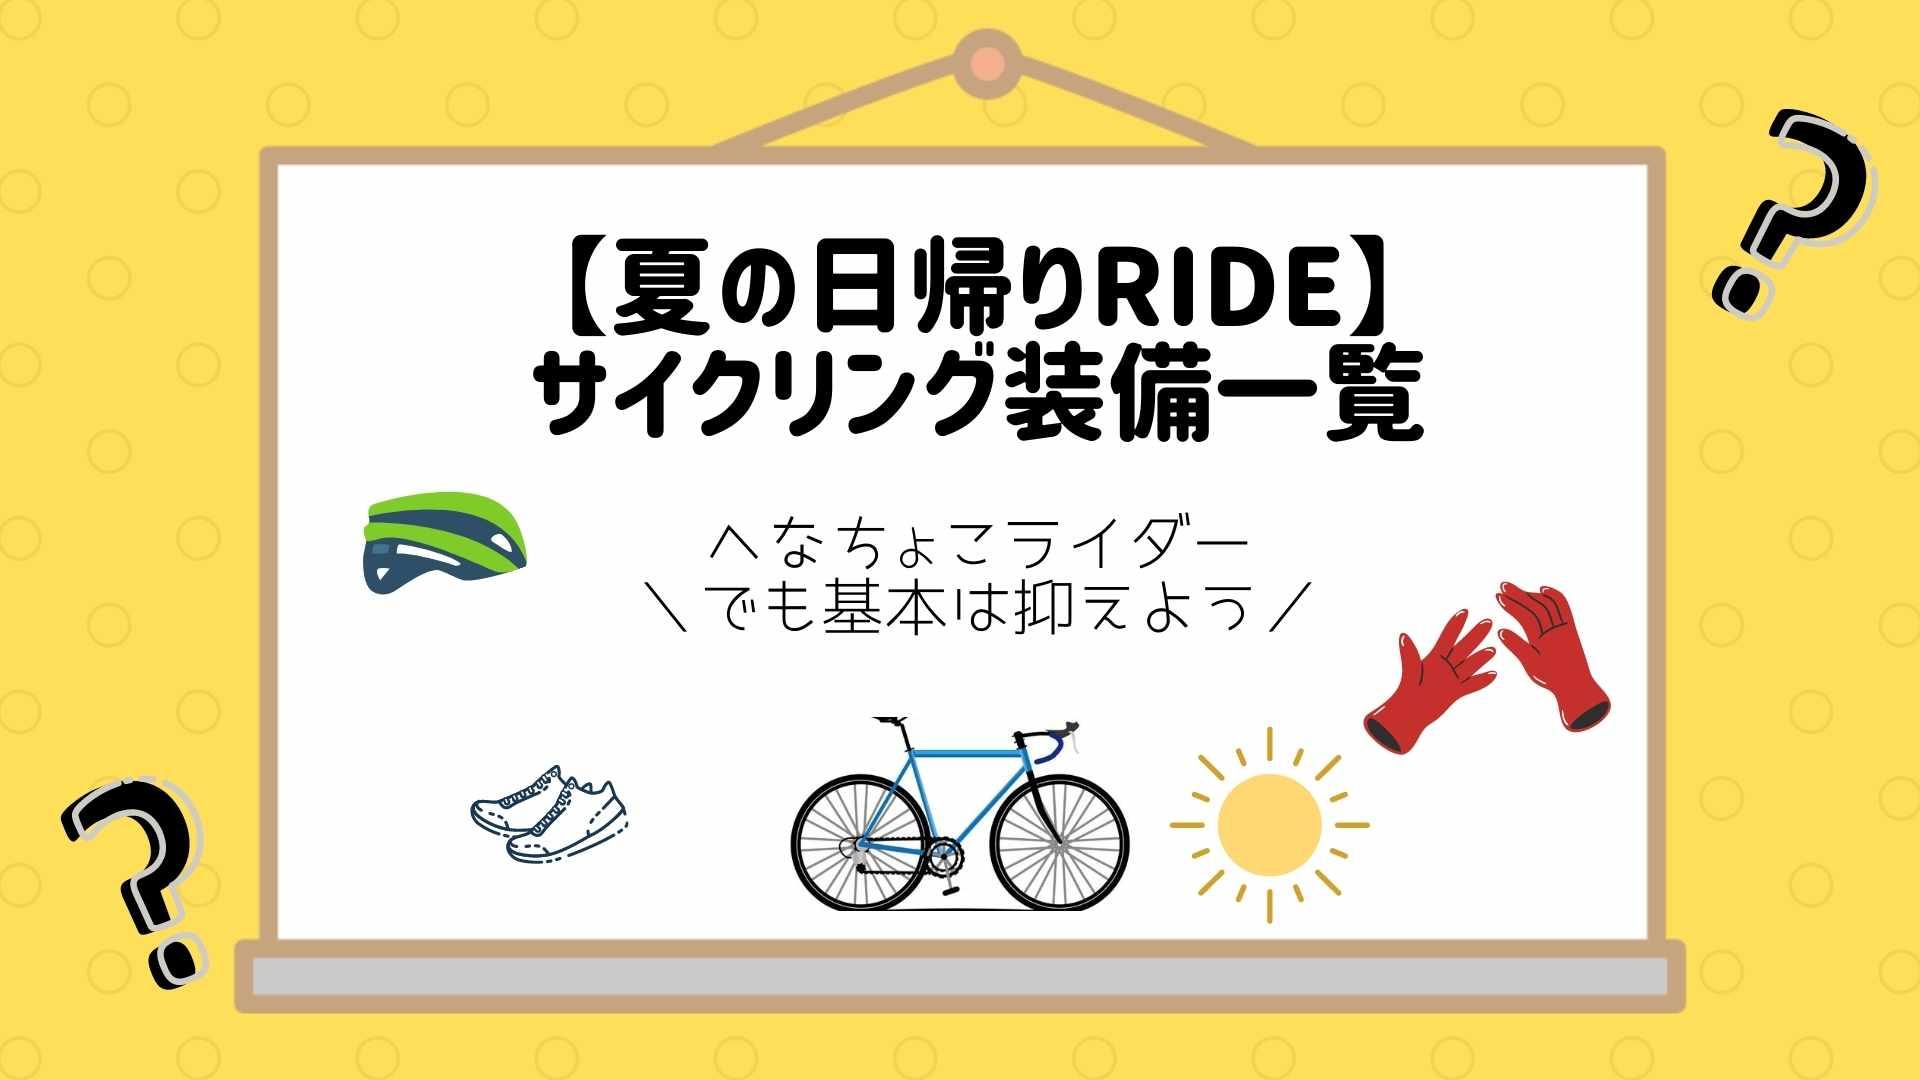 【夏の日帰りRIDE】サイクリング装備一覧〜へなちょこライダーでも基本は抑えよう